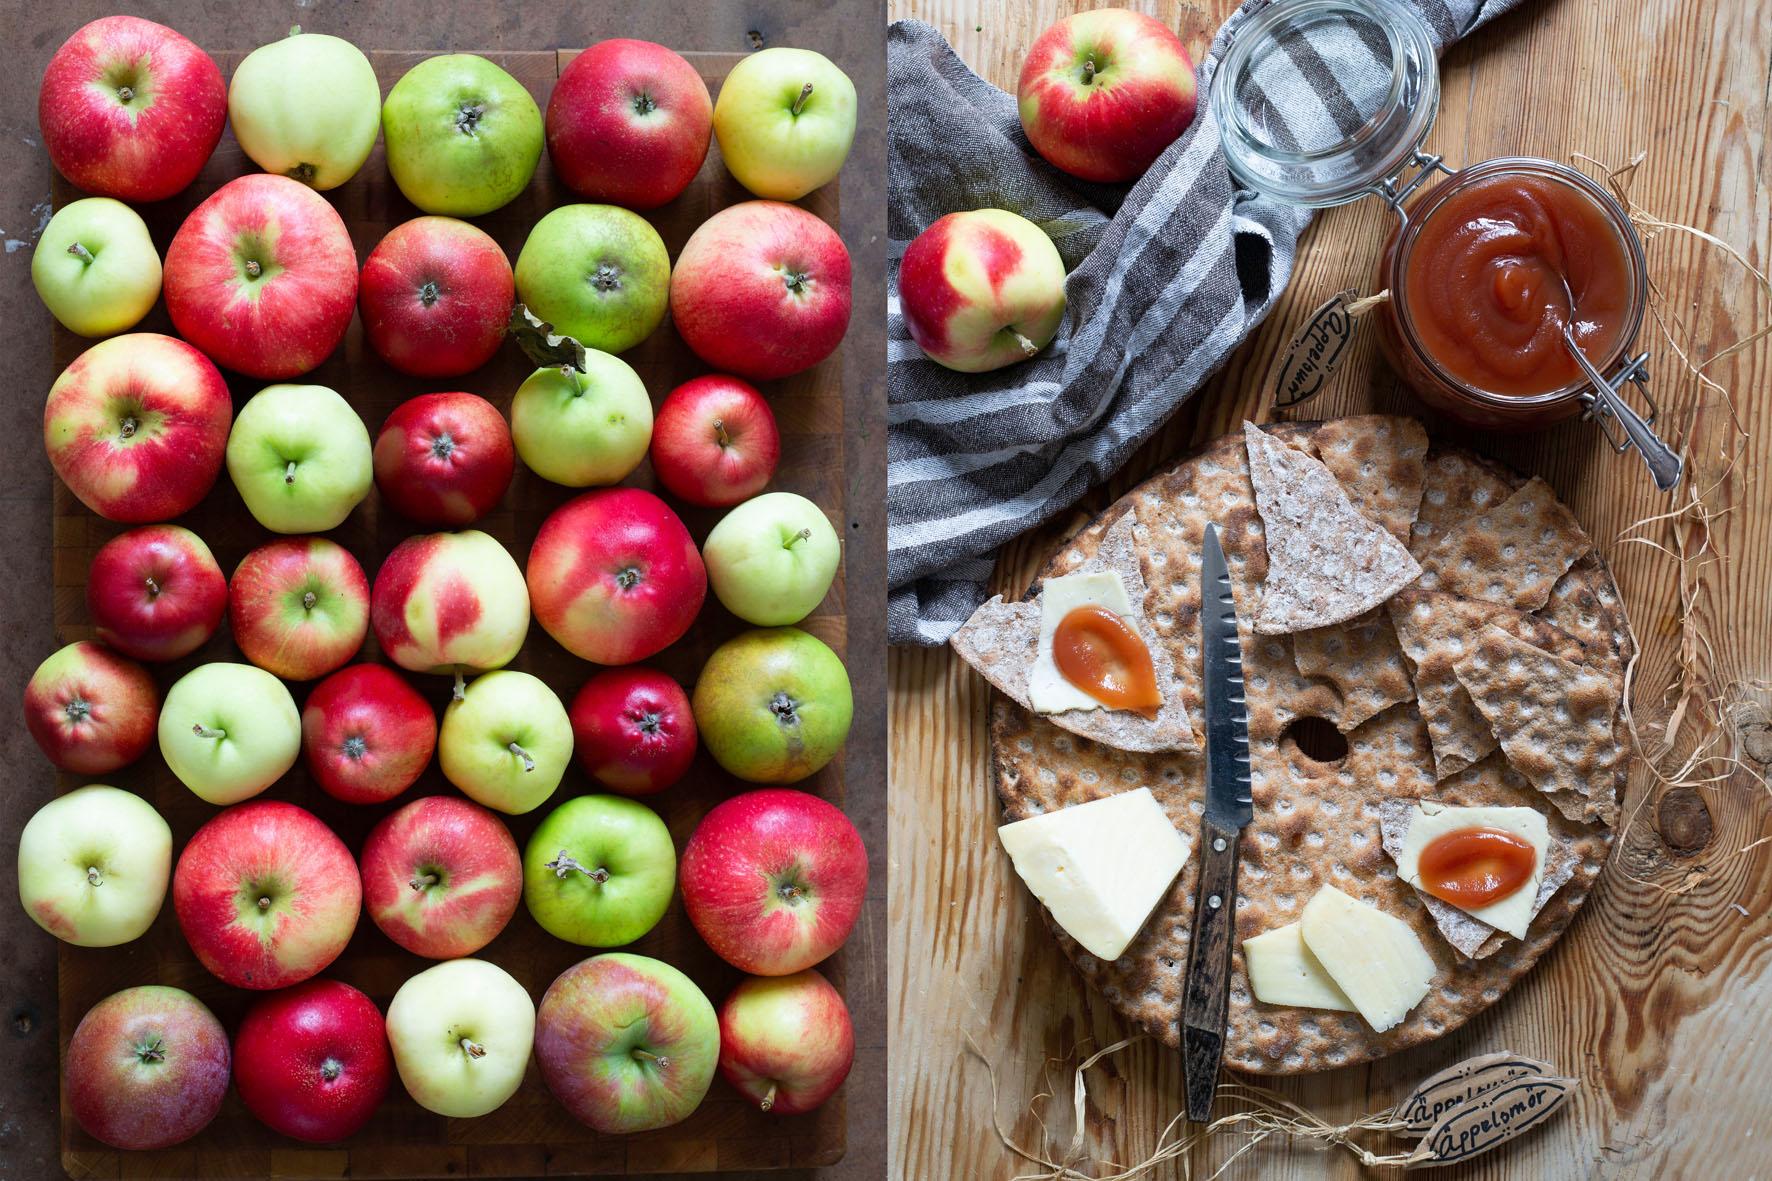 skogtillbord-äppelsmör-sept21